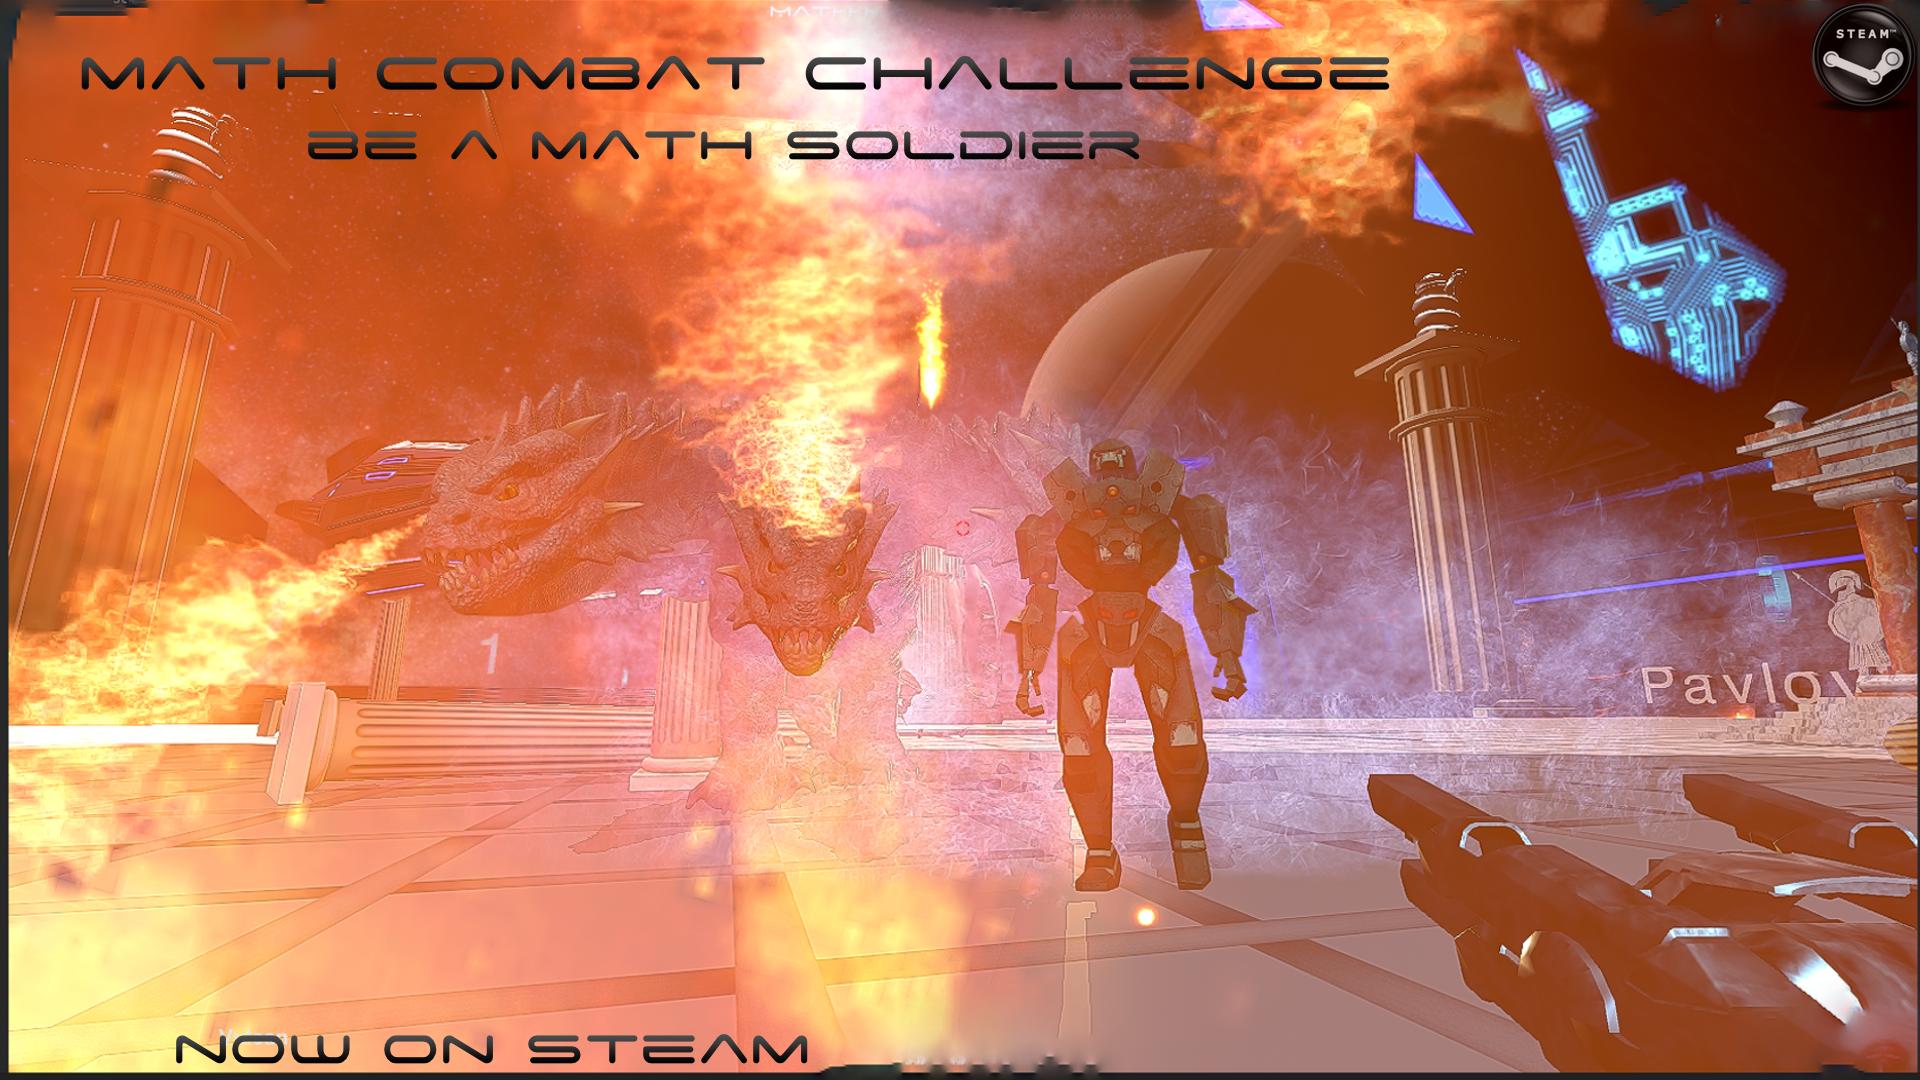 wallpaper release Math Combat Challenge